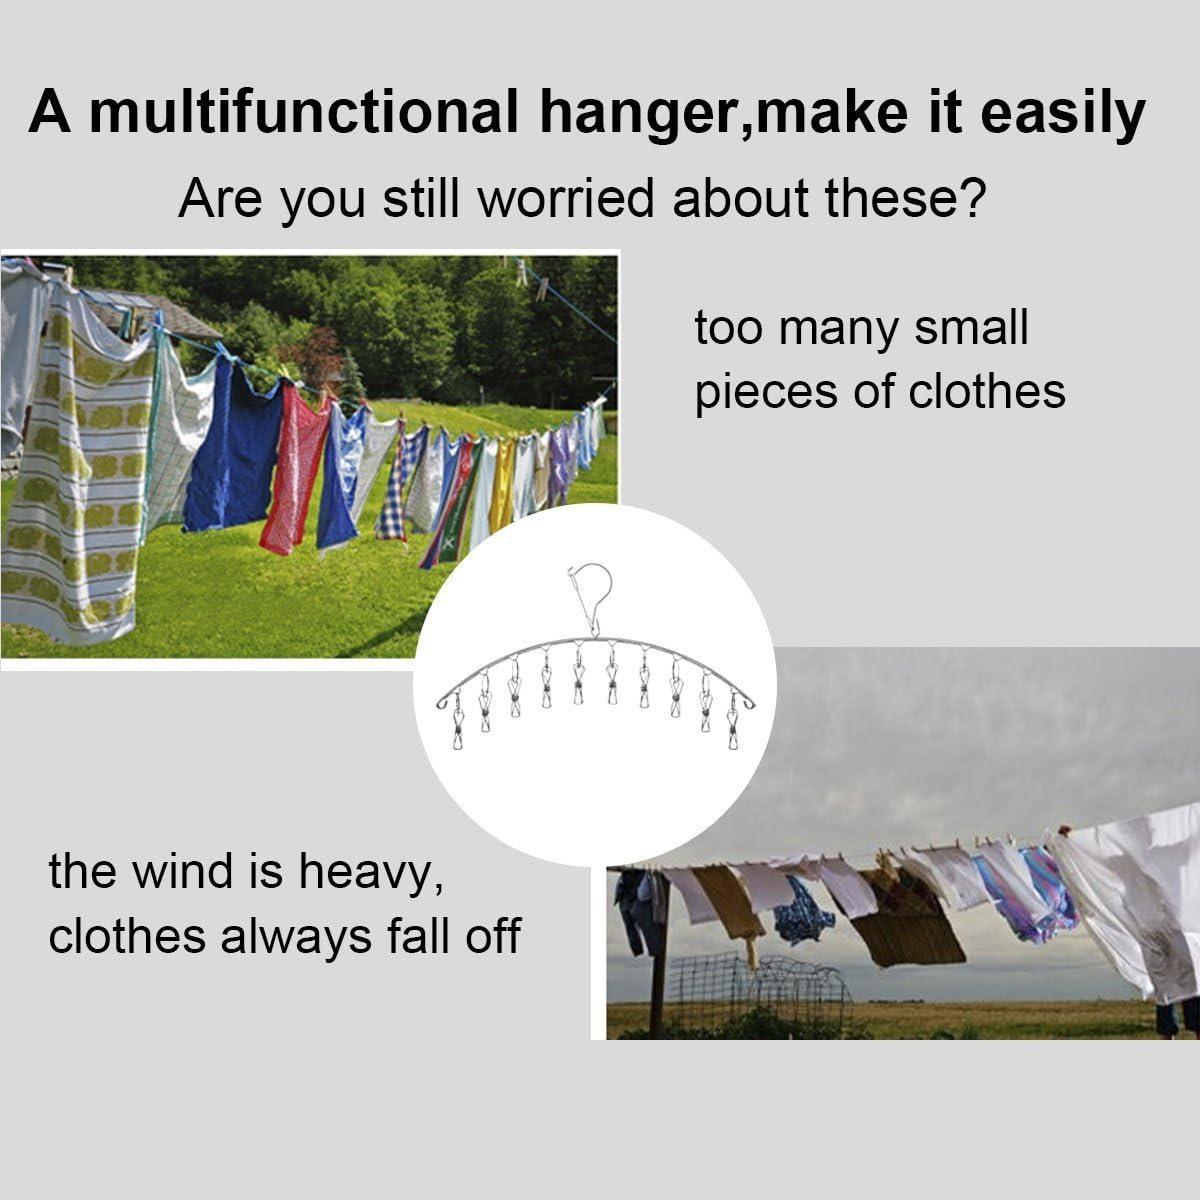 Juego de 2 perchas de acero inoxidable con 10 clips para secar calcetines pa/ñales calcetines guantes sujetadores ropa de beb/é toallas de secado ropa interior